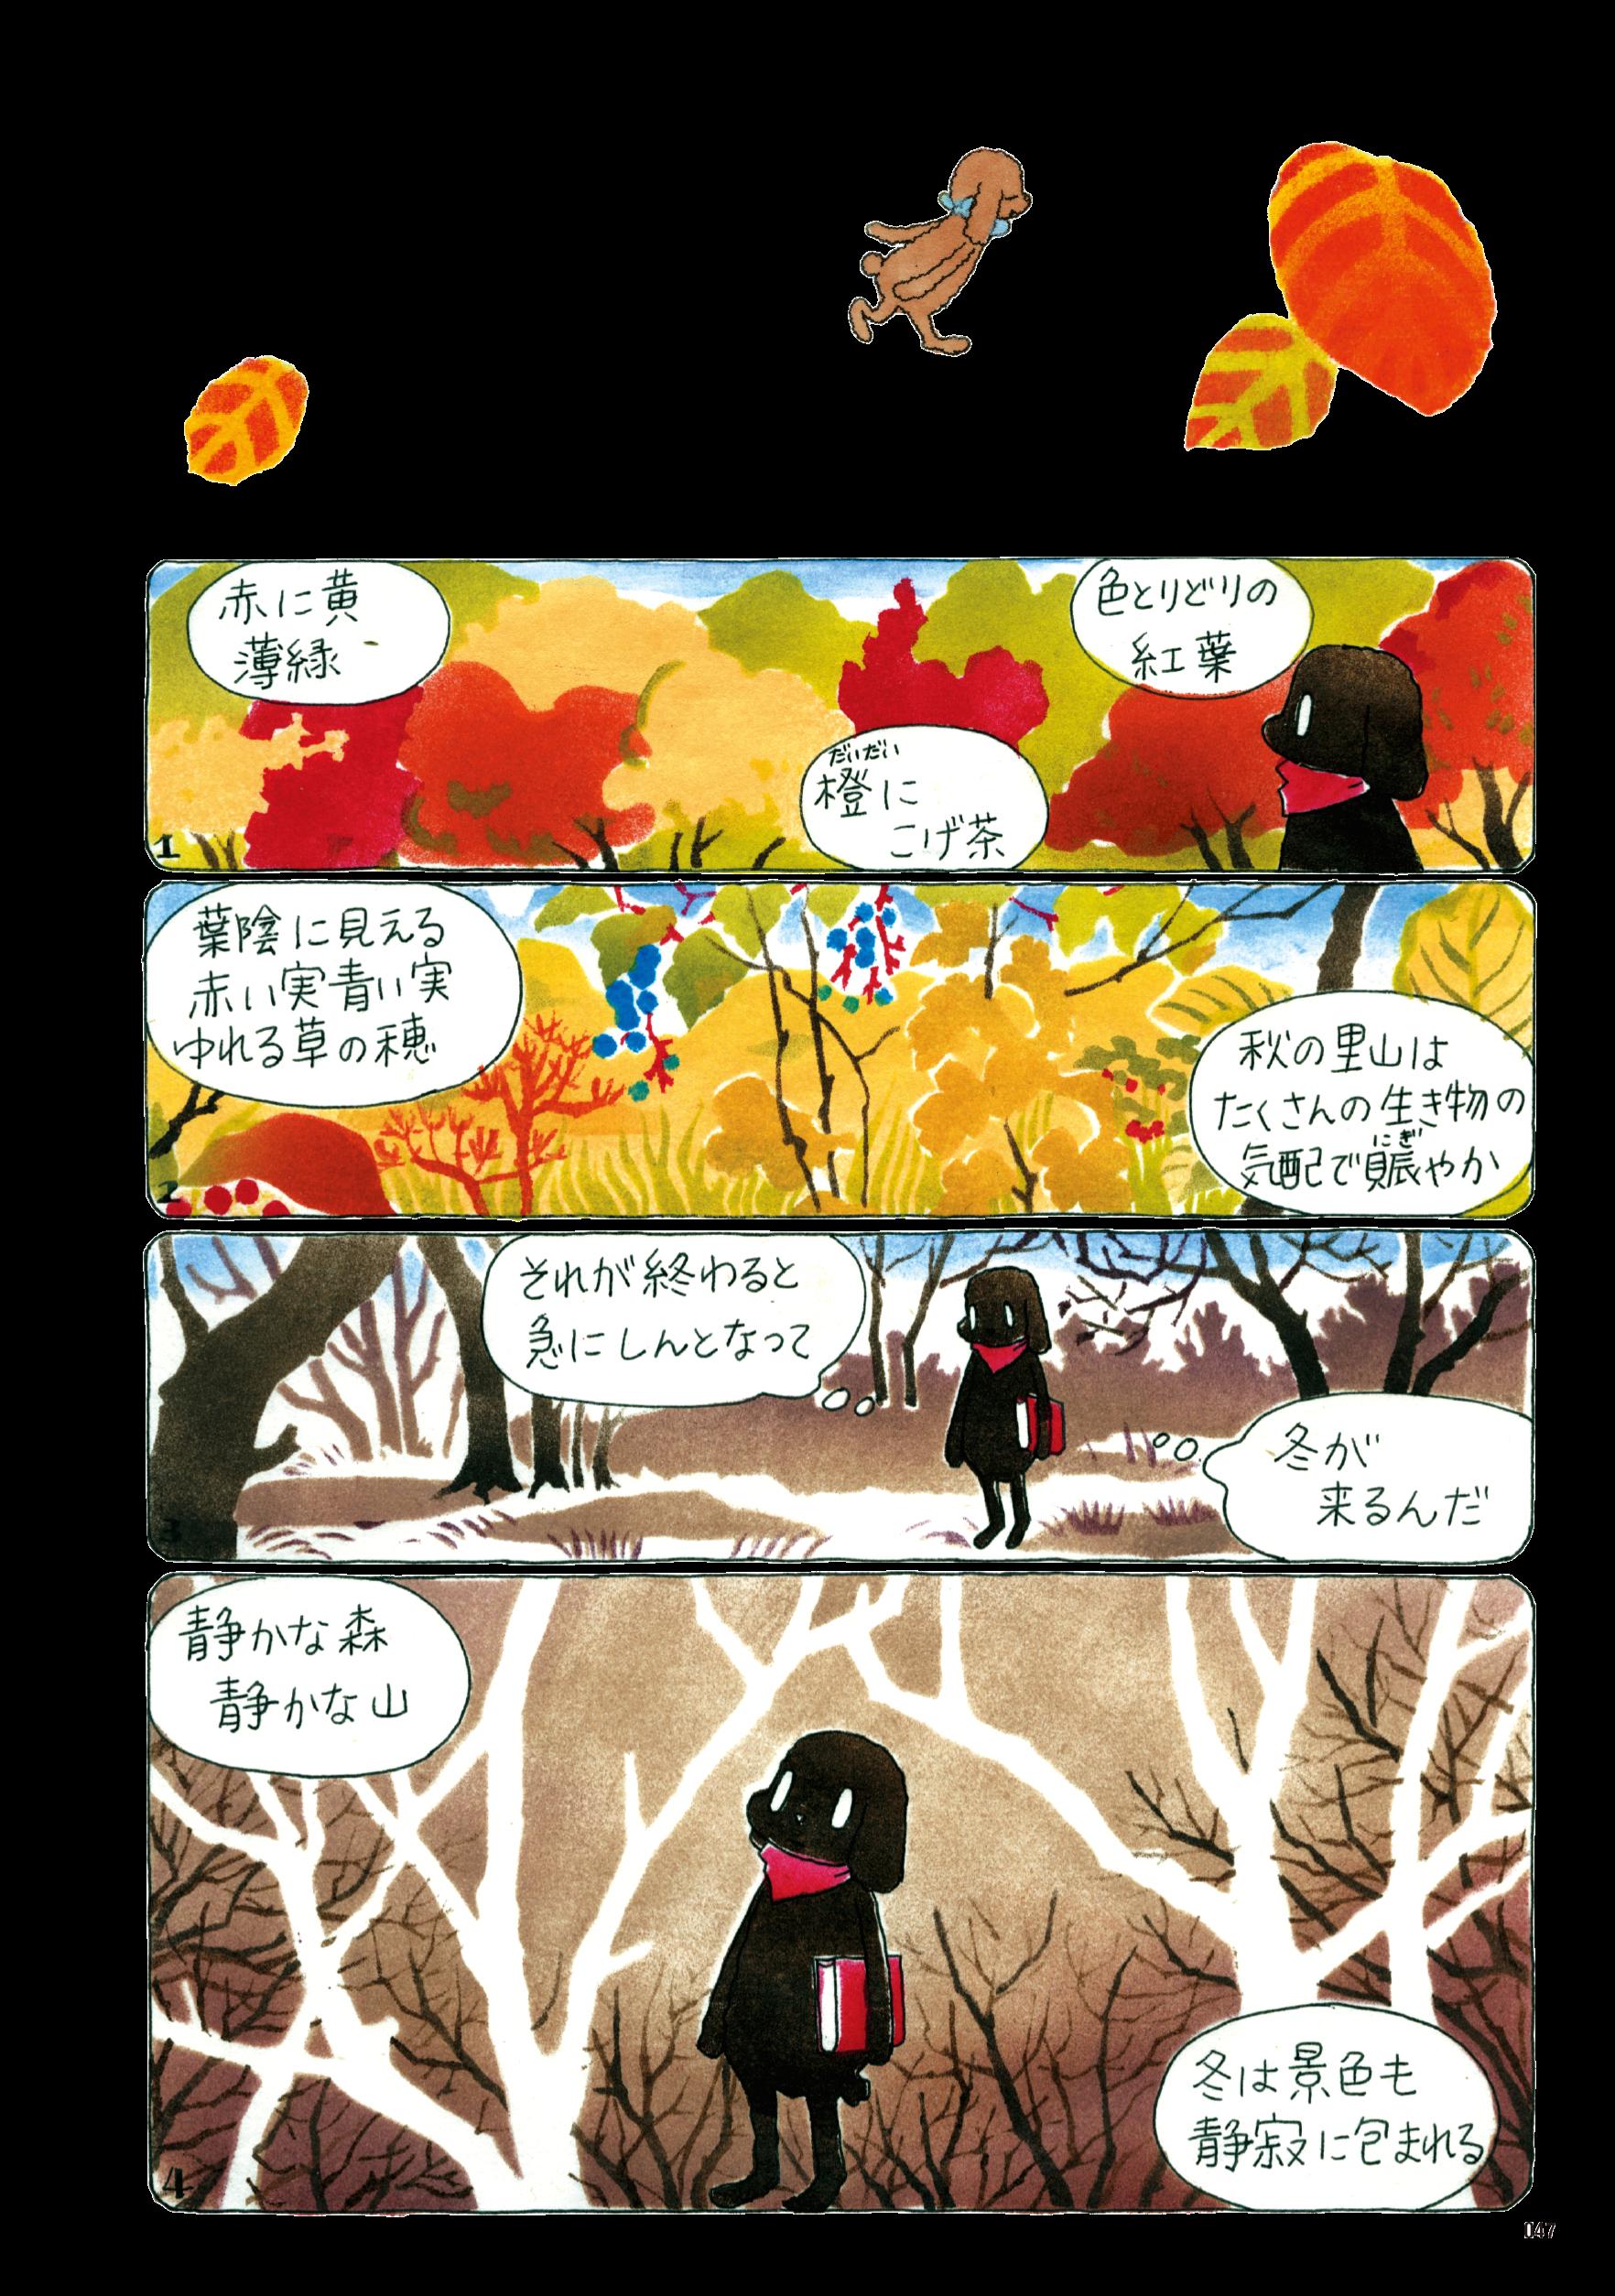 ochibi_vol.7_jp_57